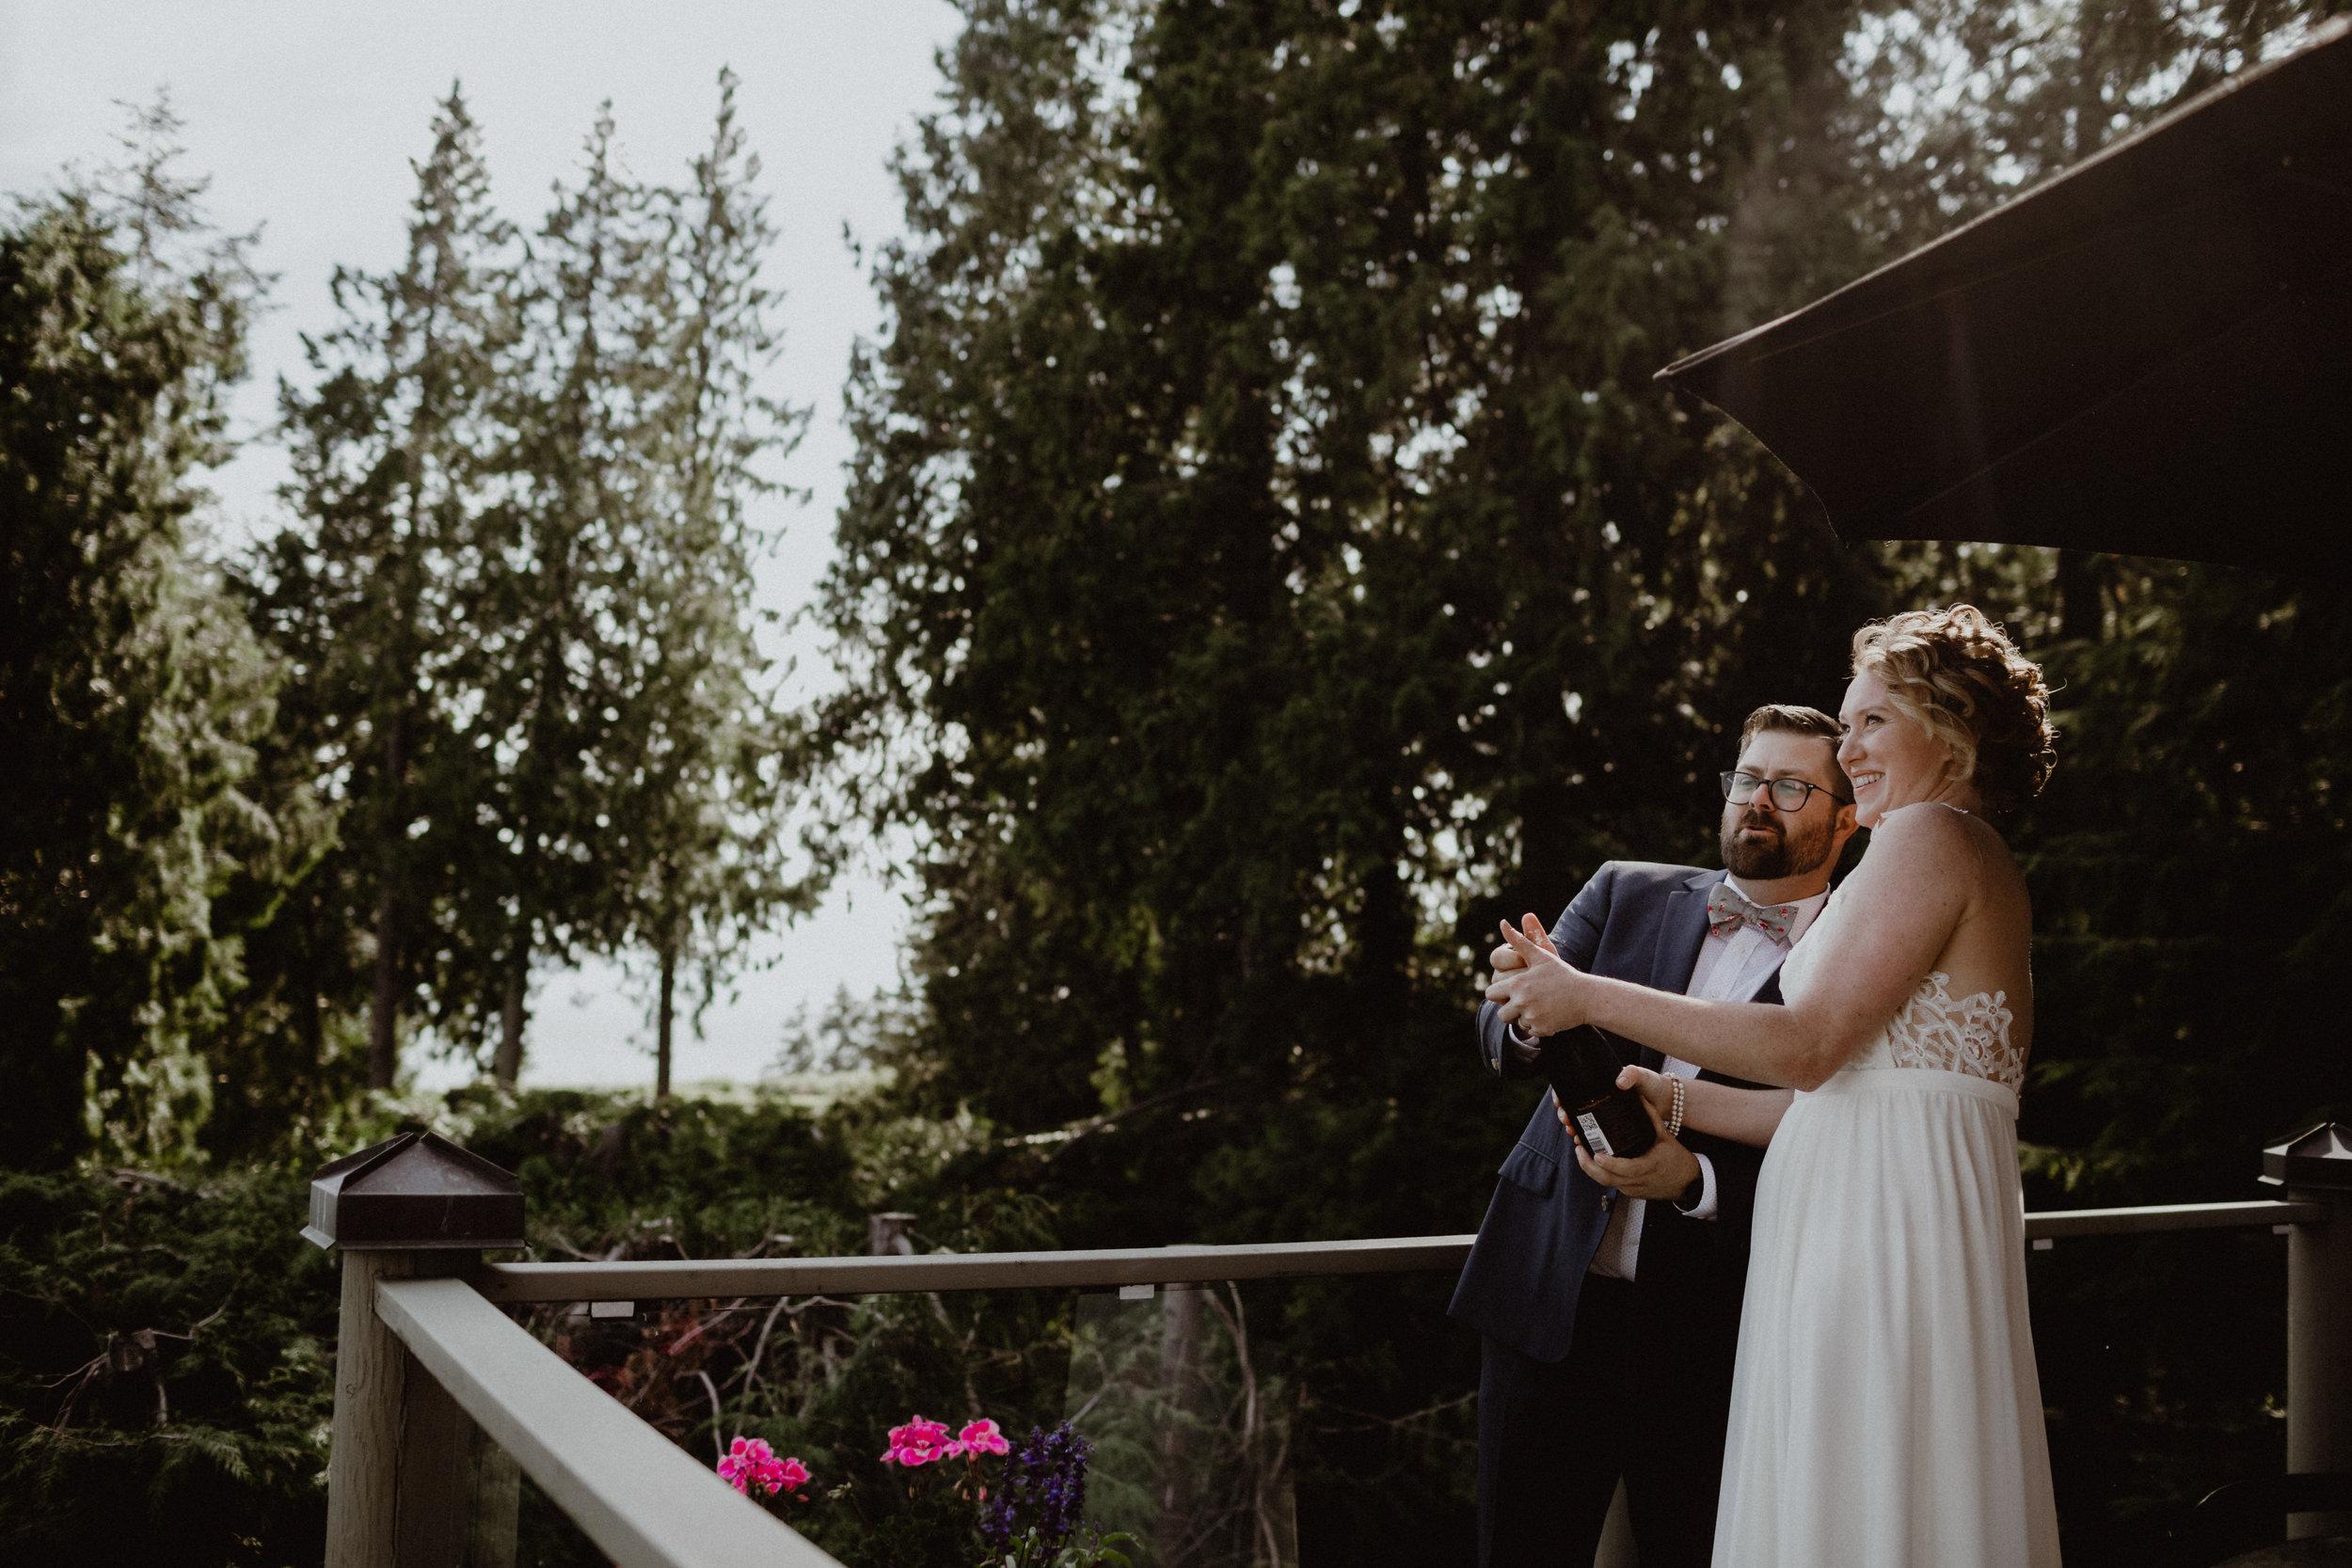 west-vancouver-backyard-wedding-139.jpg